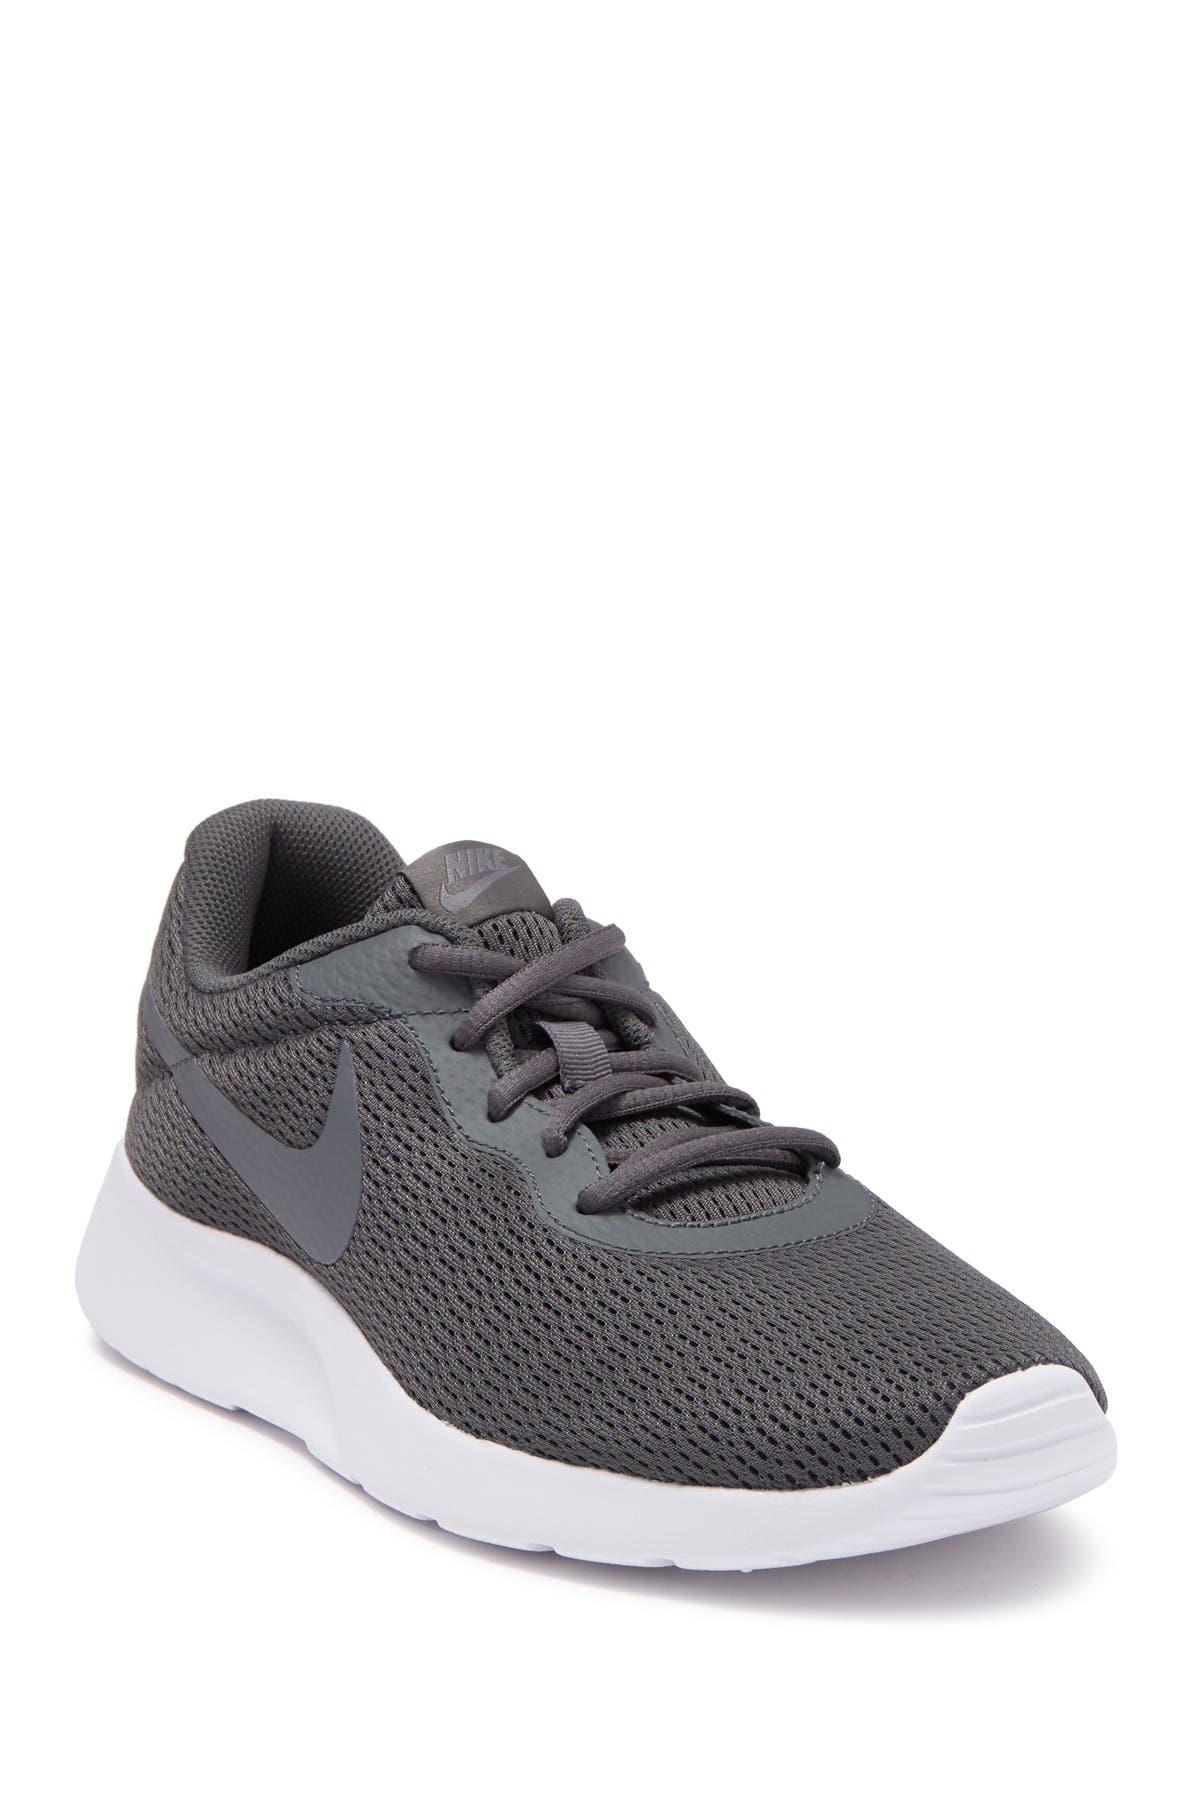 nike tanjun athletic shoes